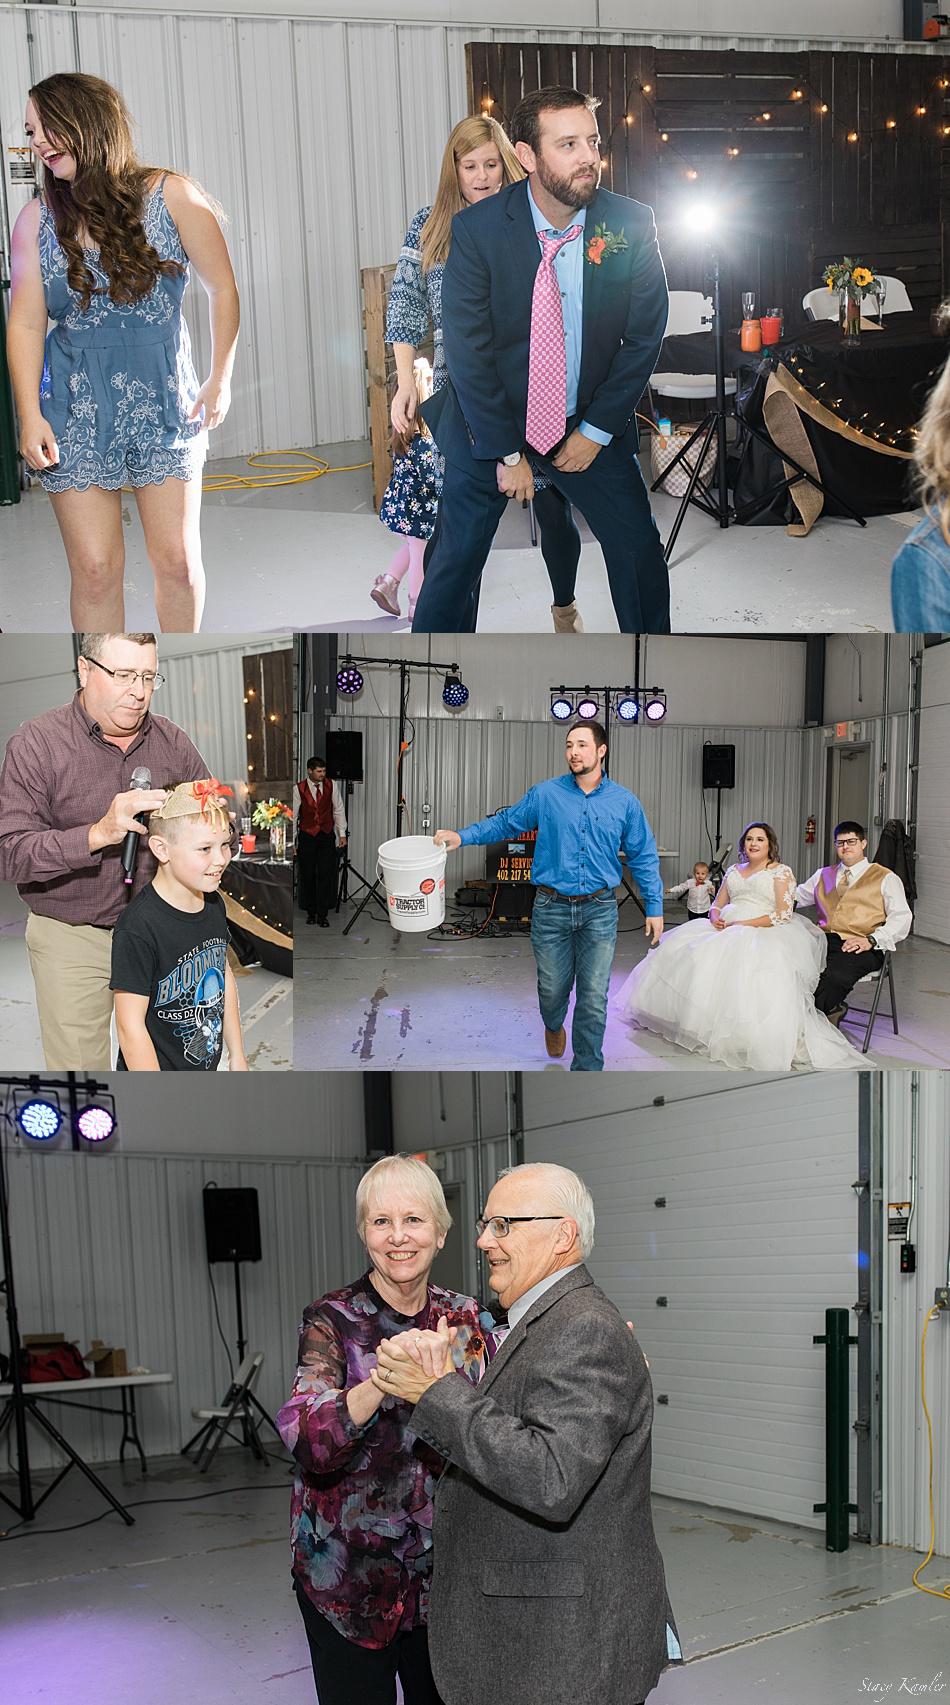 Dancing at Fall wedding